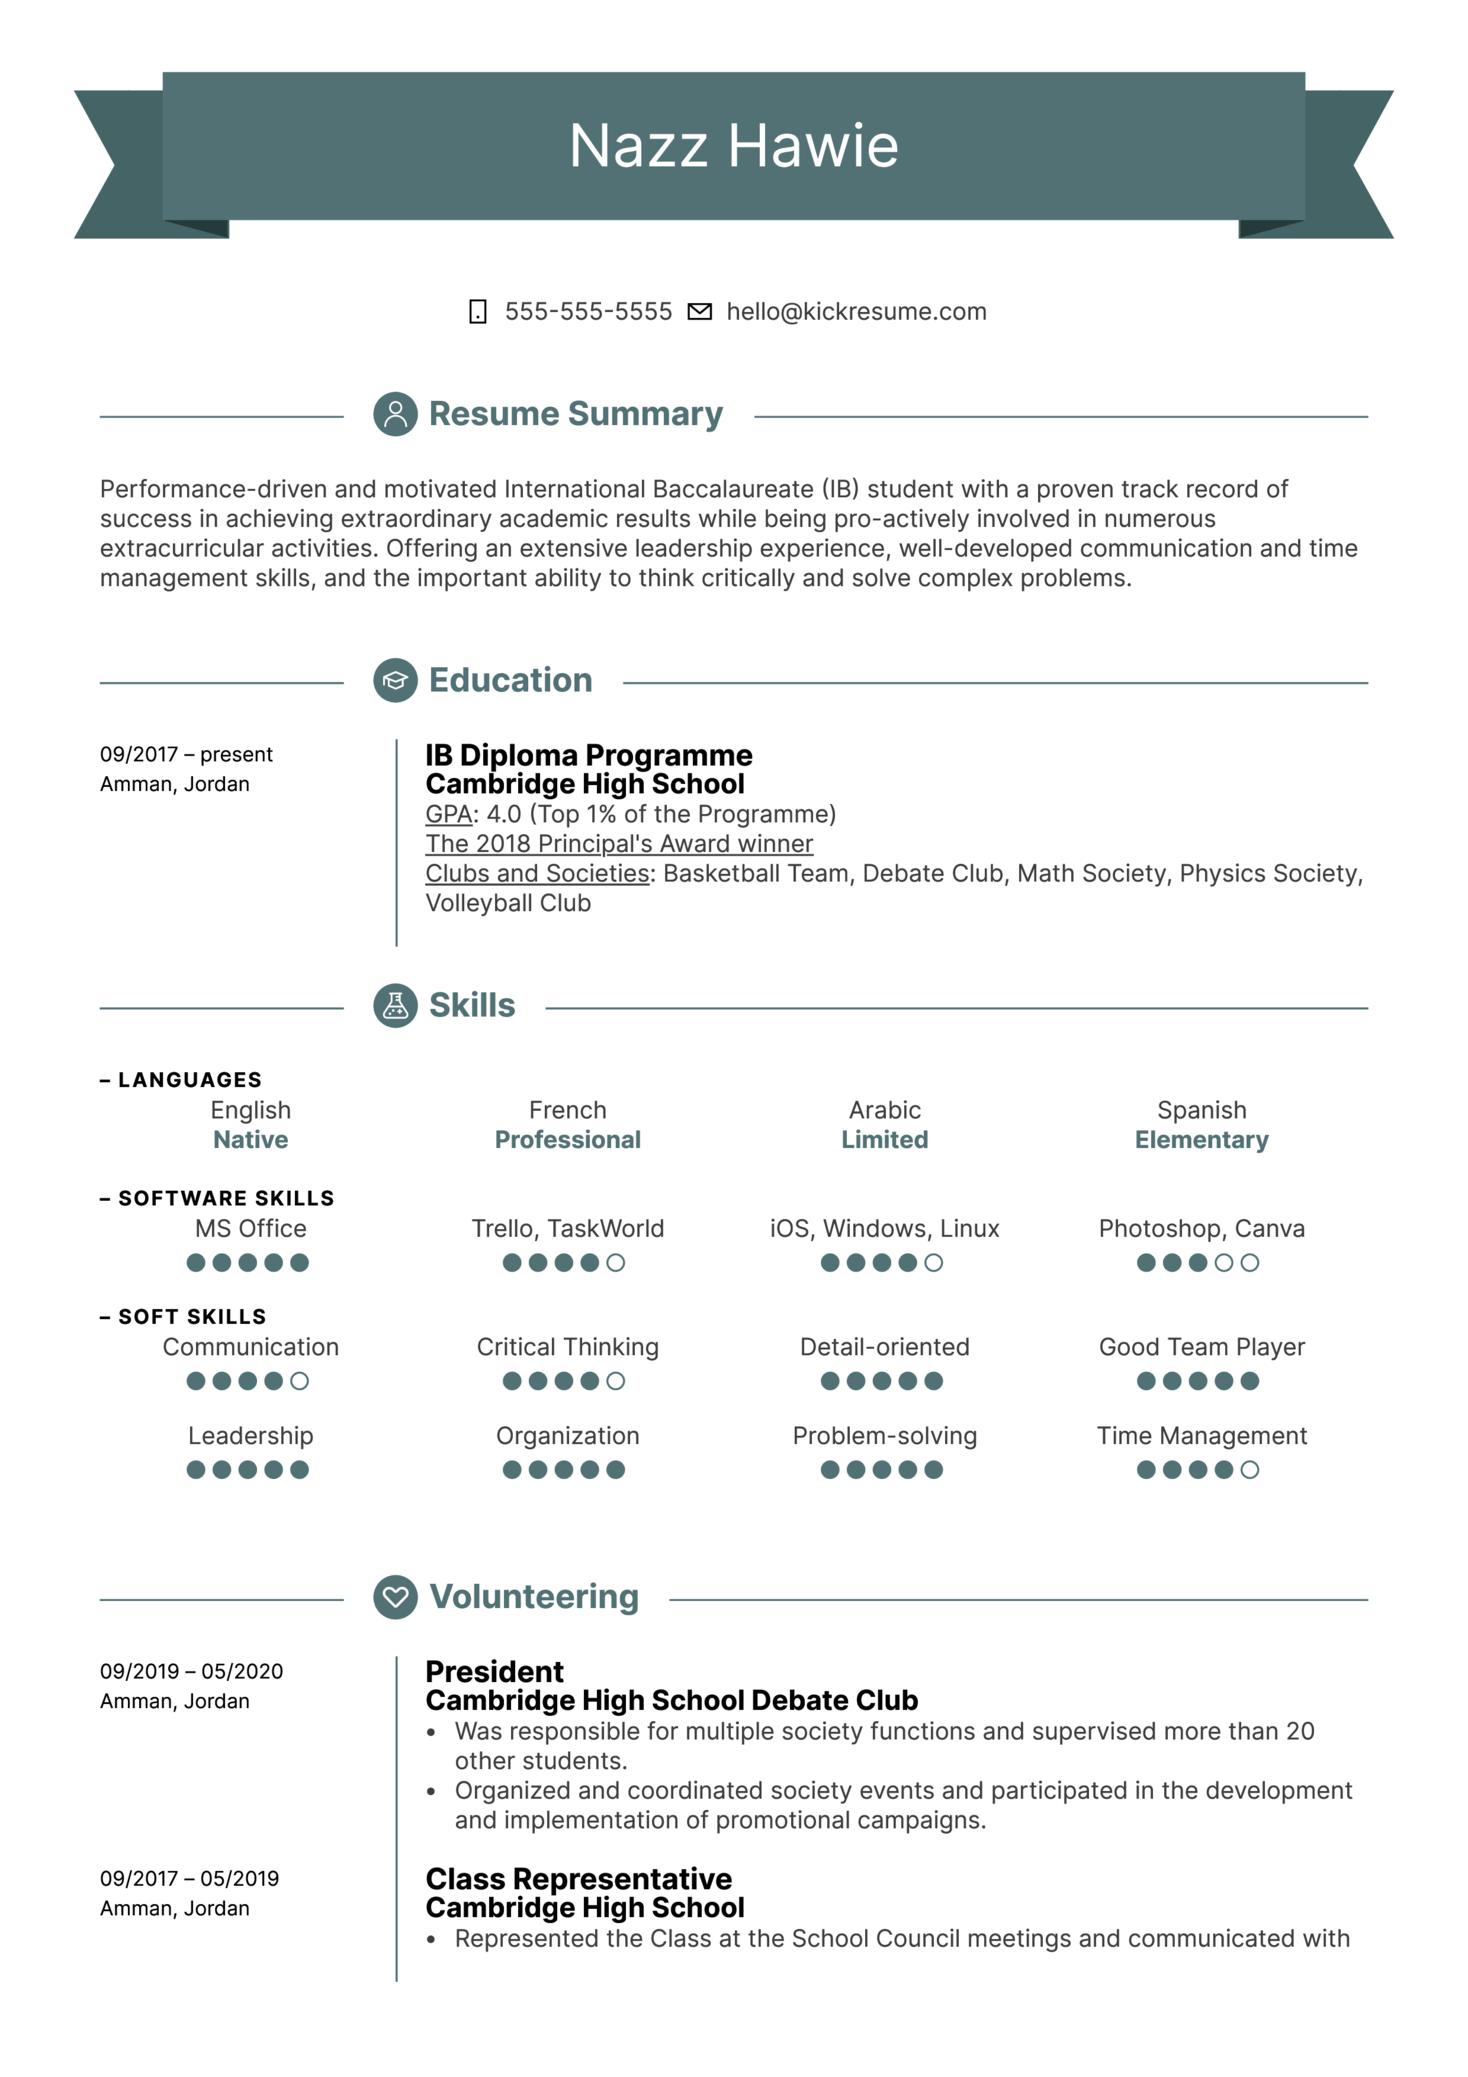 First Job Resume Template (časť 1)